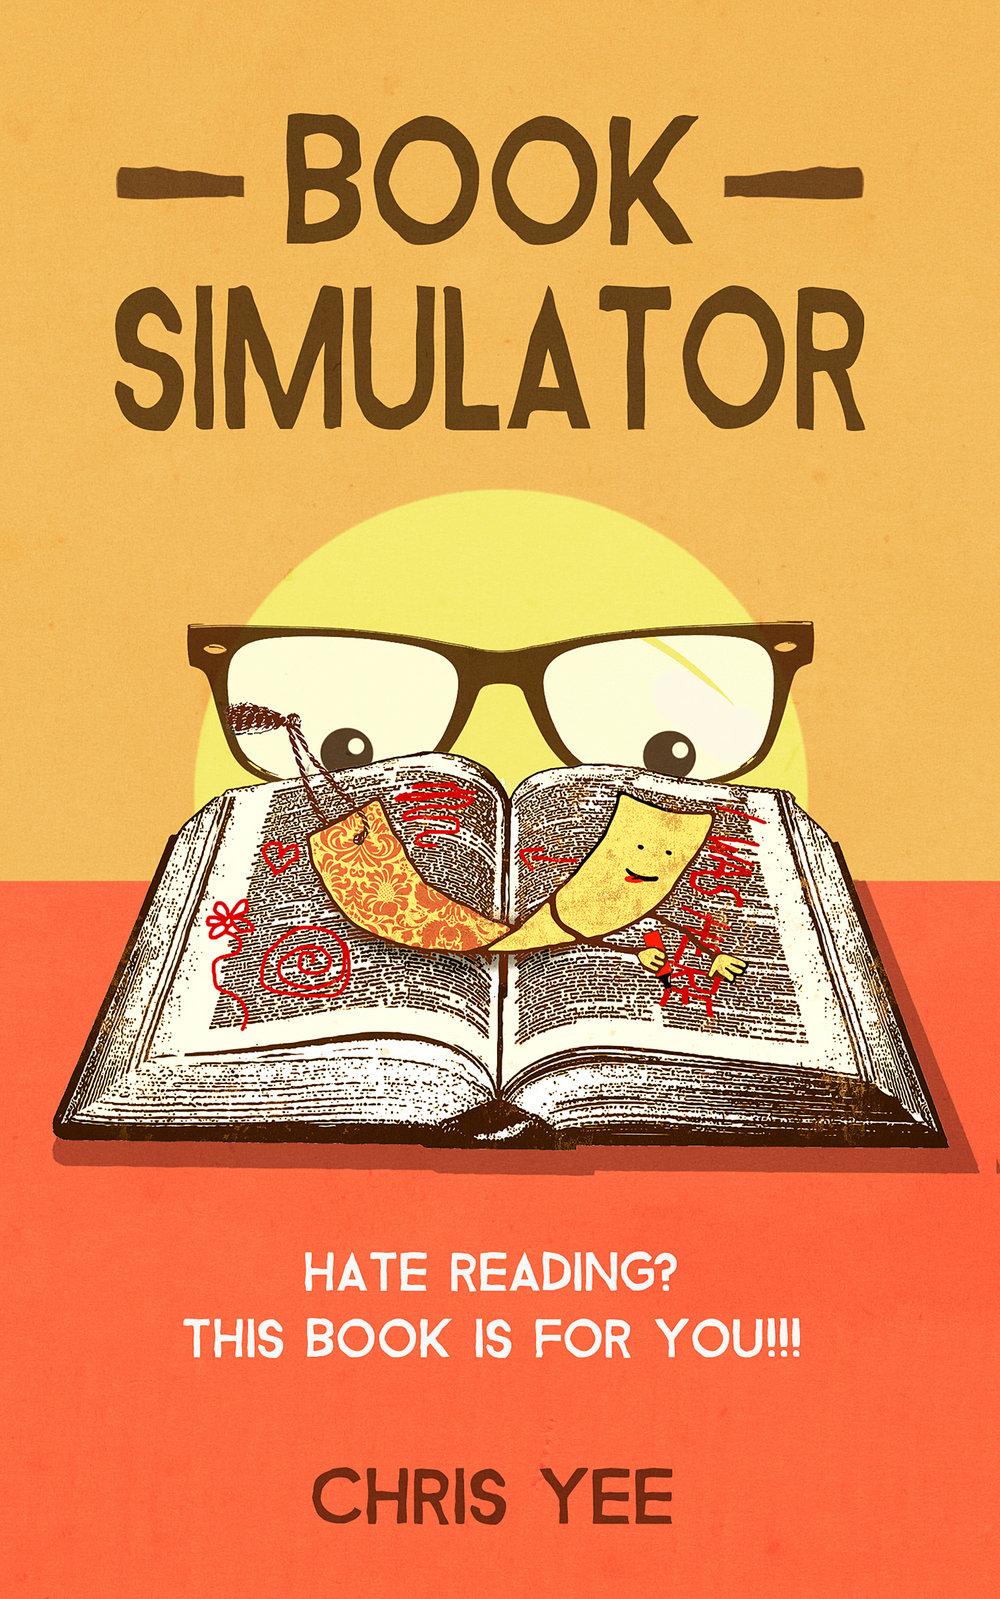 Book Simulator front.jpg